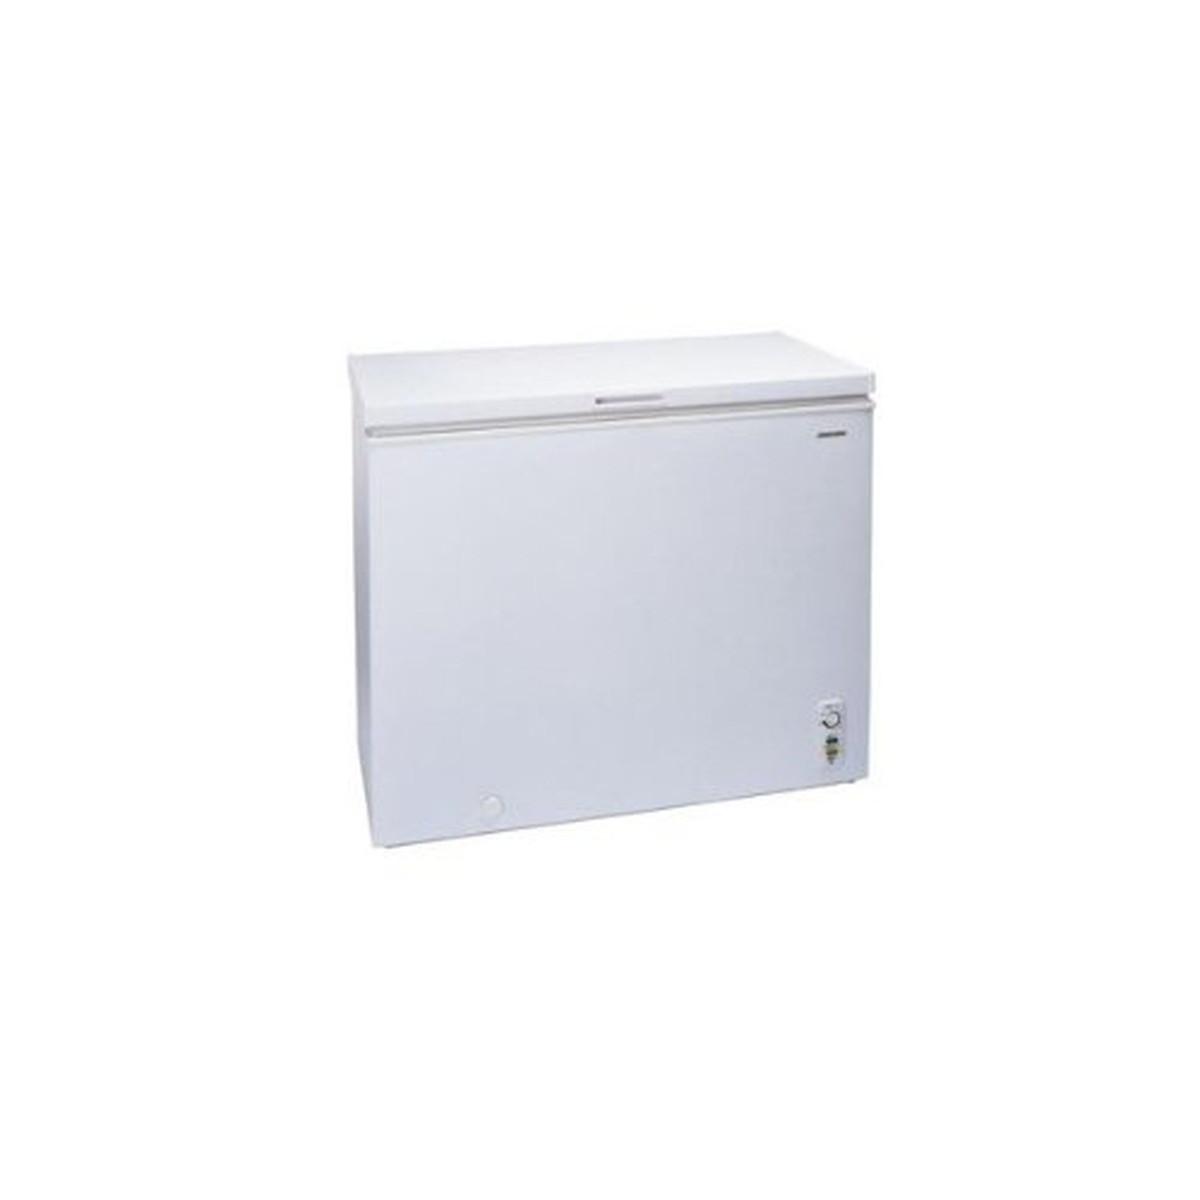 アビテラックス アビテラックス 205L チェストタイプ チェストタイプ 冷凍庫(フリーザー) 直冷式 ホワイトAbitelax ACF-205C ACF-205C, 本格キムチの店 丸福:0905831f --- officewill.xsrv.jp